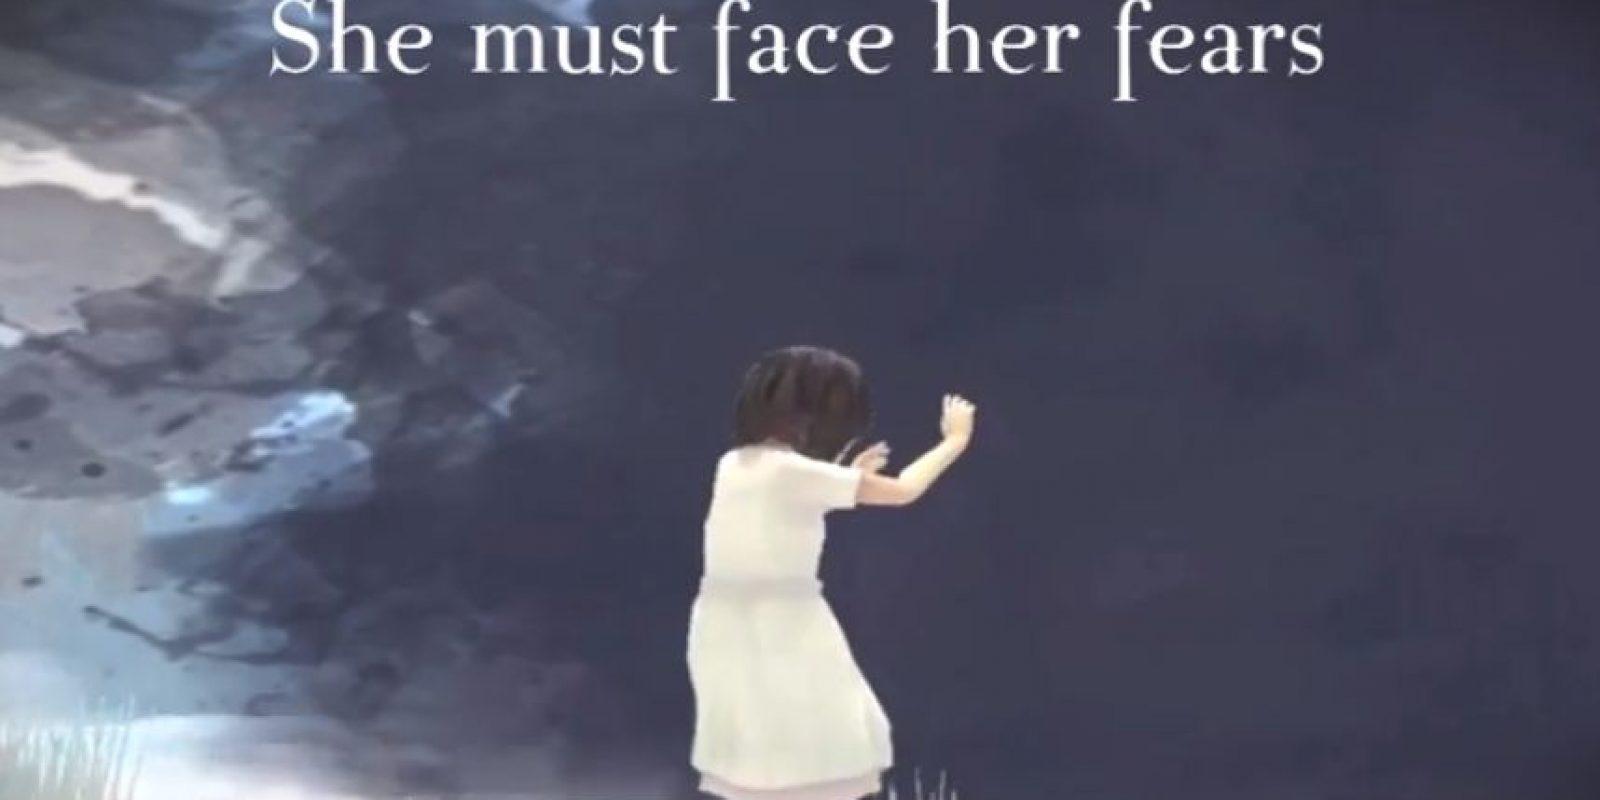 Por lo que enfrentará sus miedos Foto:Xbox